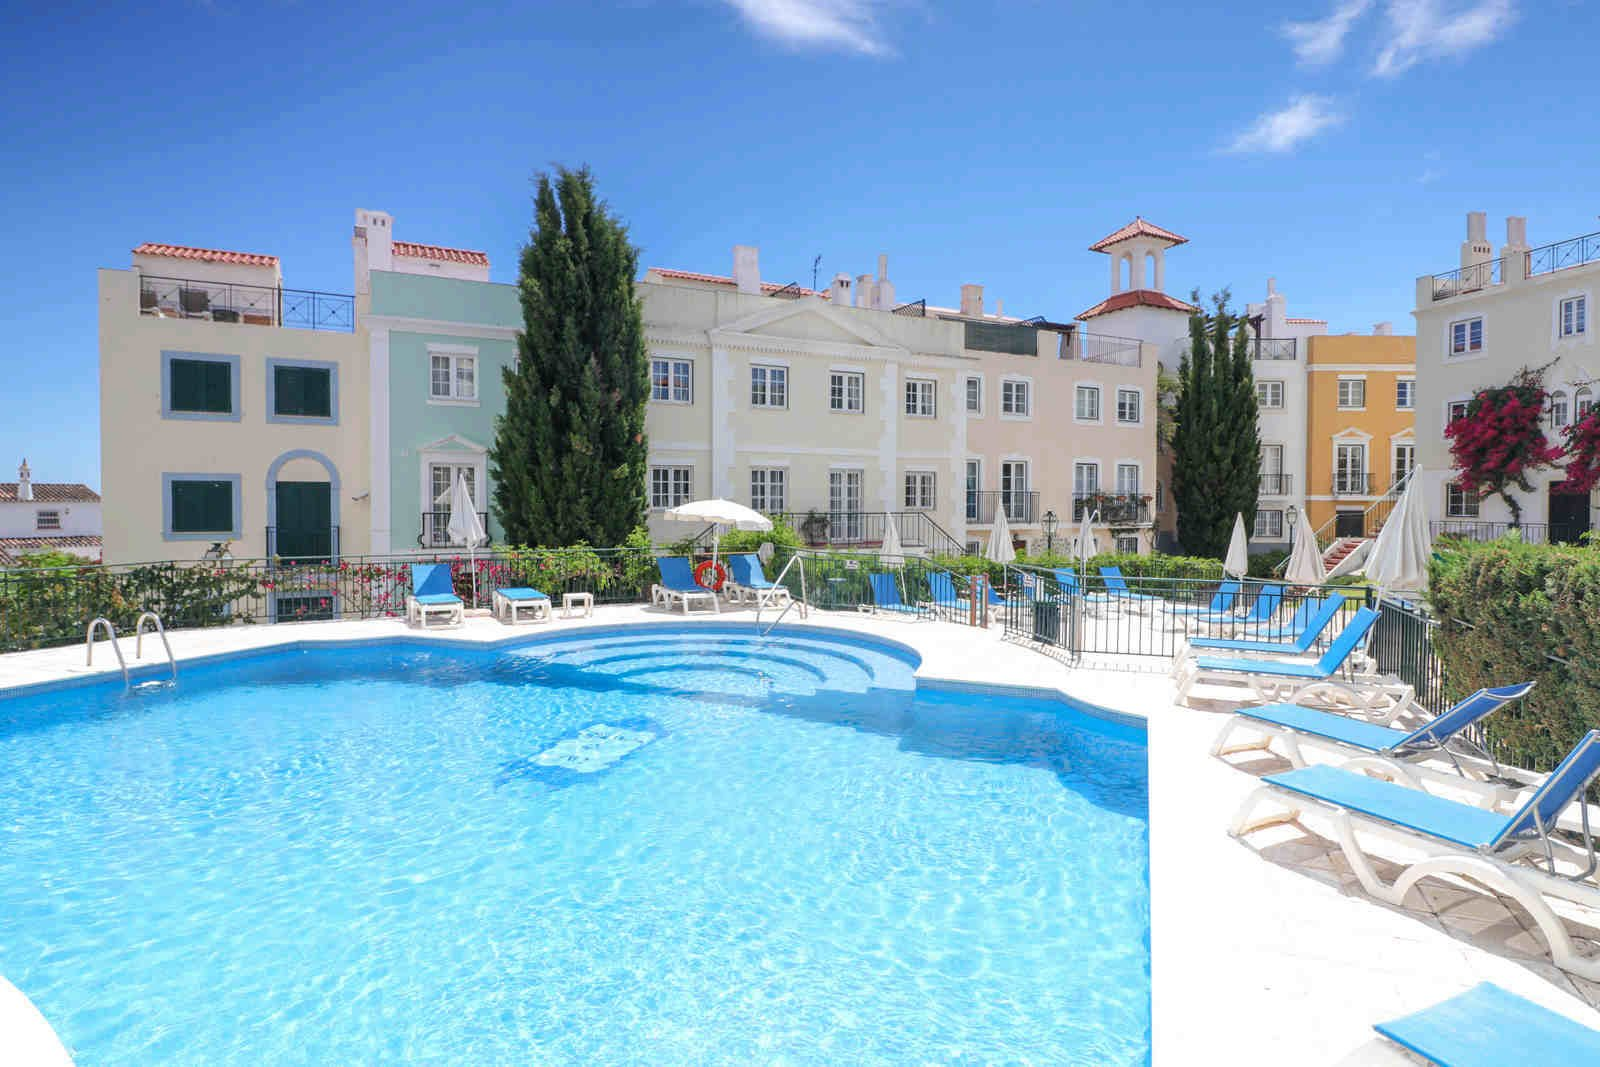 2 Bedroom Apartment Quarteira, Central Algarve Ref: PA3574